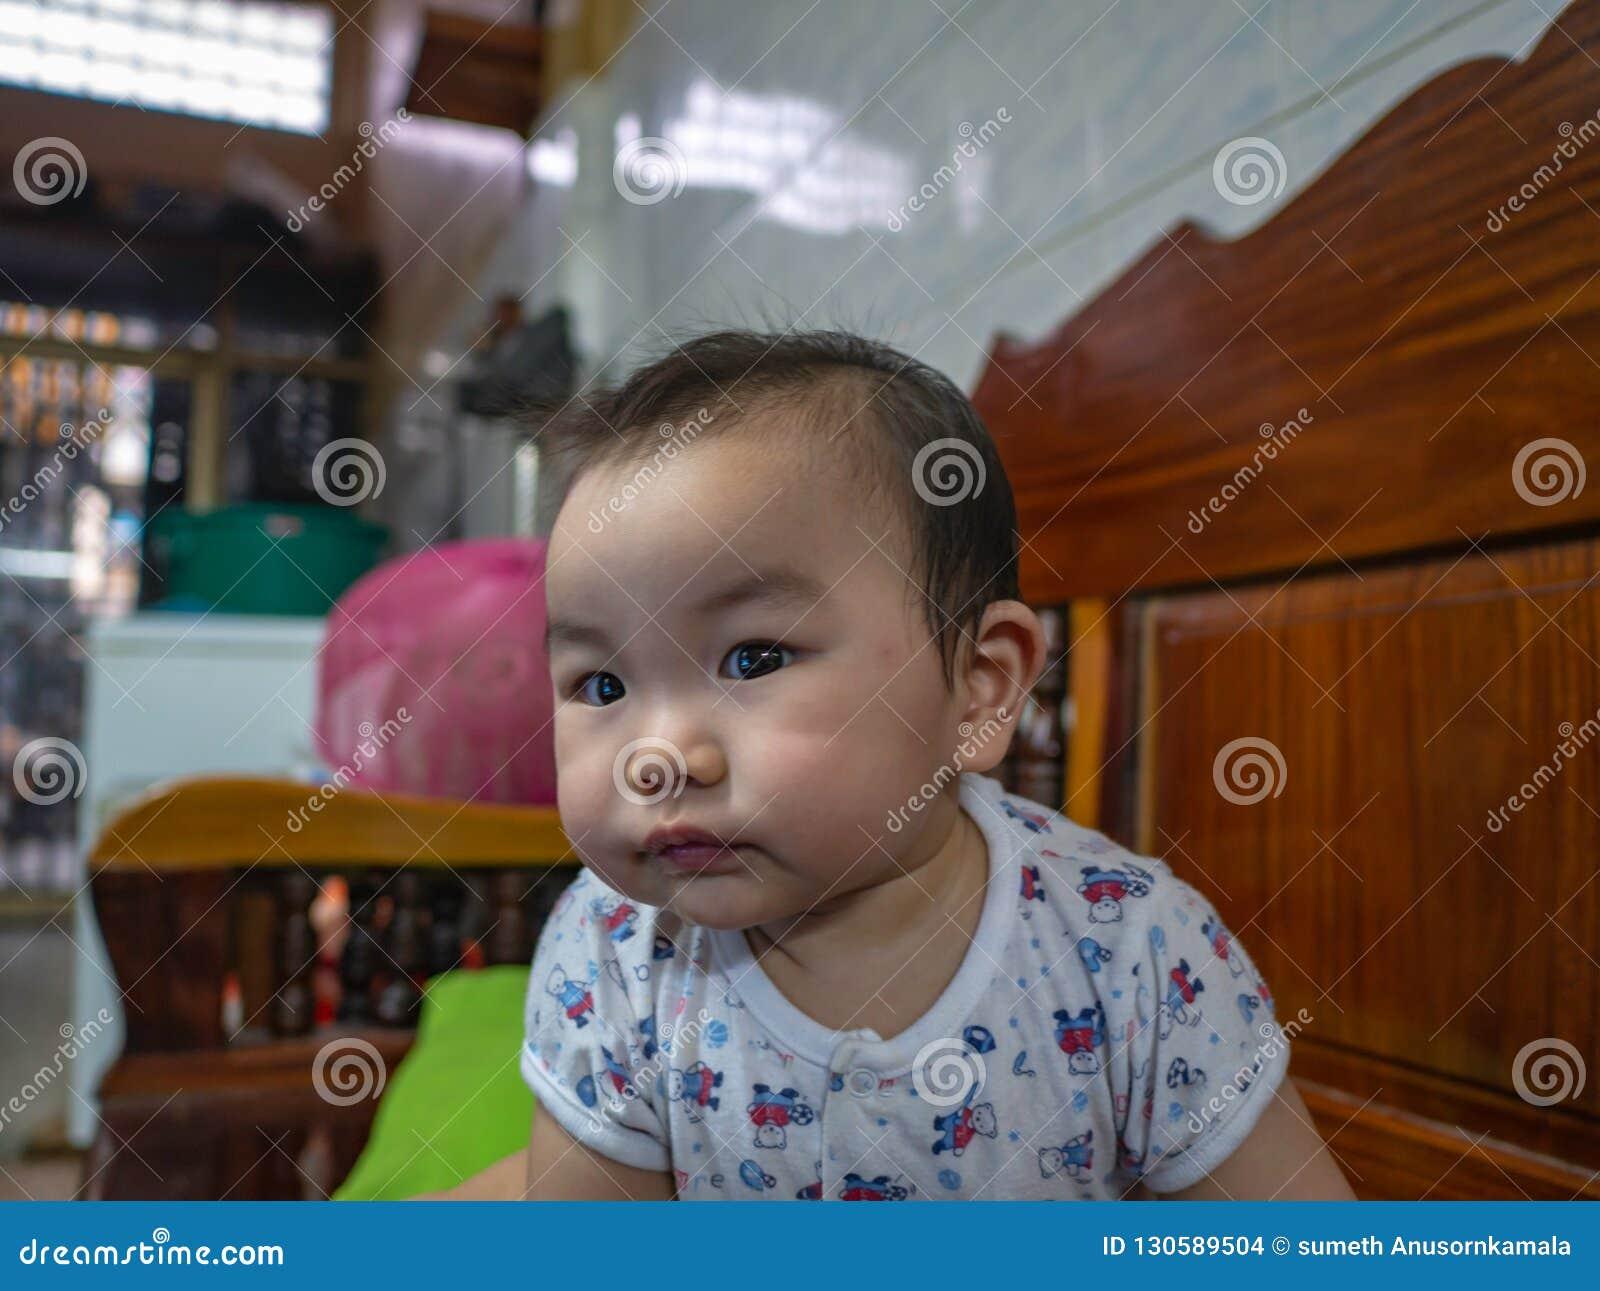 Cutie e bebê ou infante asiático considerável do menino